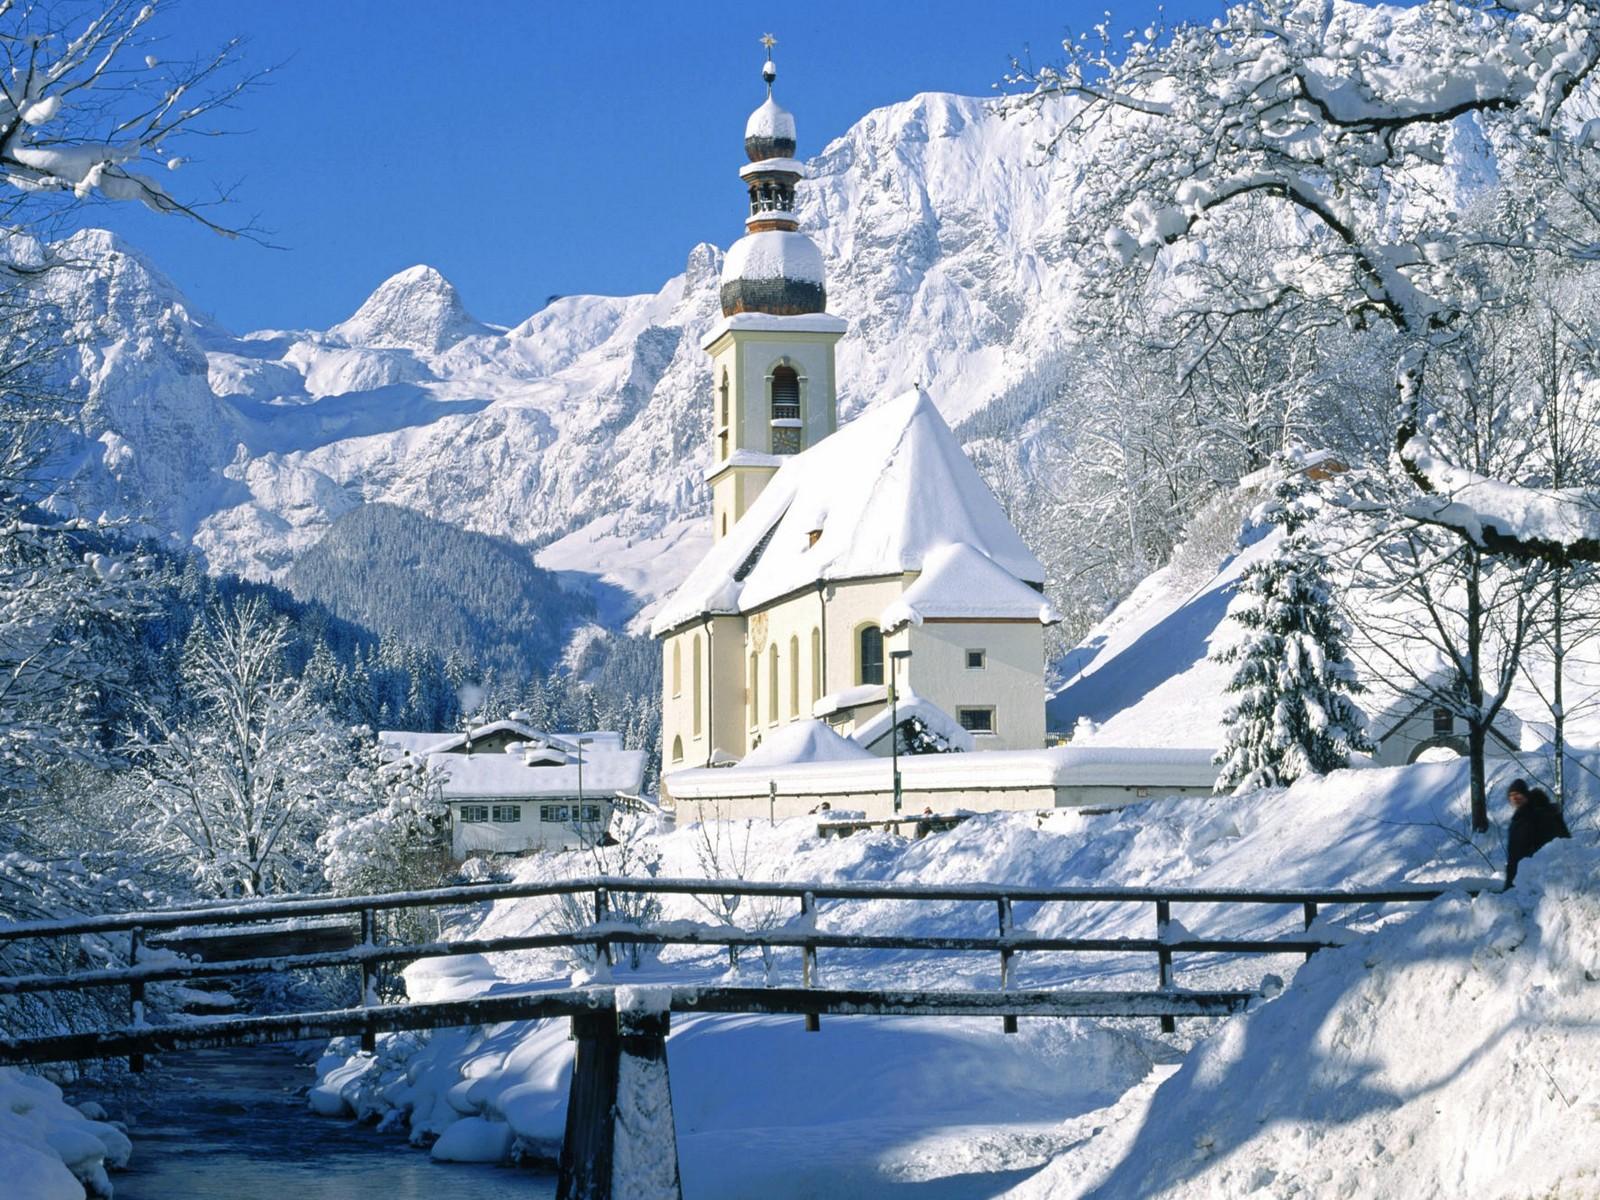 Церковь зимой 1600x1200 660KB Зима Церкви